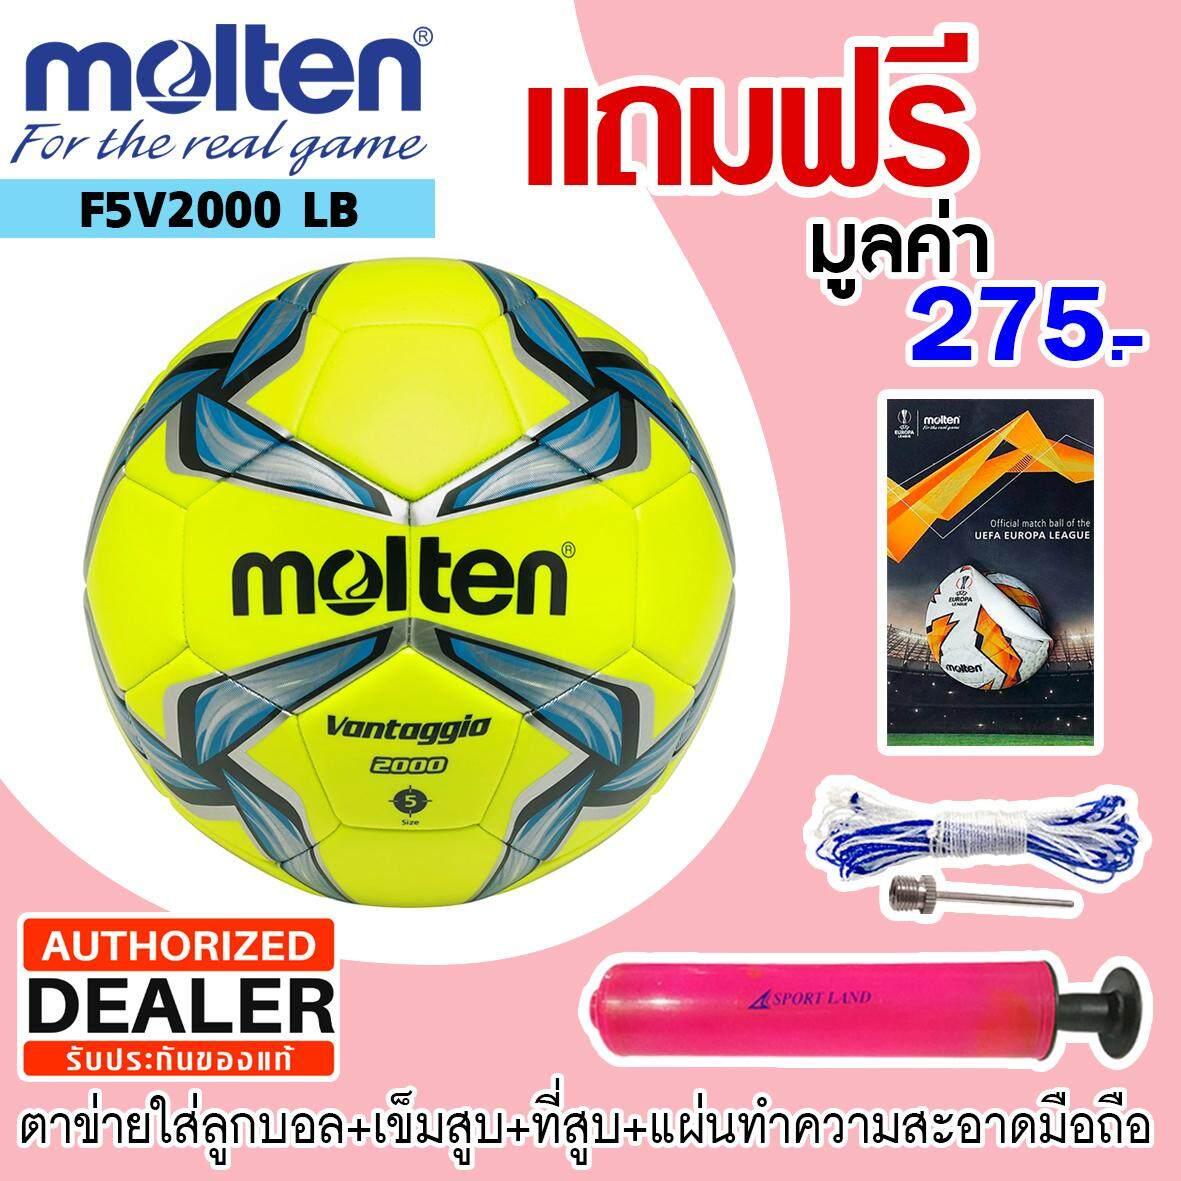 สอนใช้งาน  MOLTEN ลูกฟุตบอล หนังเย็บ ทีพียู สีเหลือง Football Molten TPU F5V2000-LB Yellow เบอร์5 (645) แถมฟรี ตาข่ายใส่ลูกฟุตบอล + เข็มสูบลม + สูบมือ SPL รุ่น SL6 สีชมพู + แผ่นทำความสะอาดมือถือ